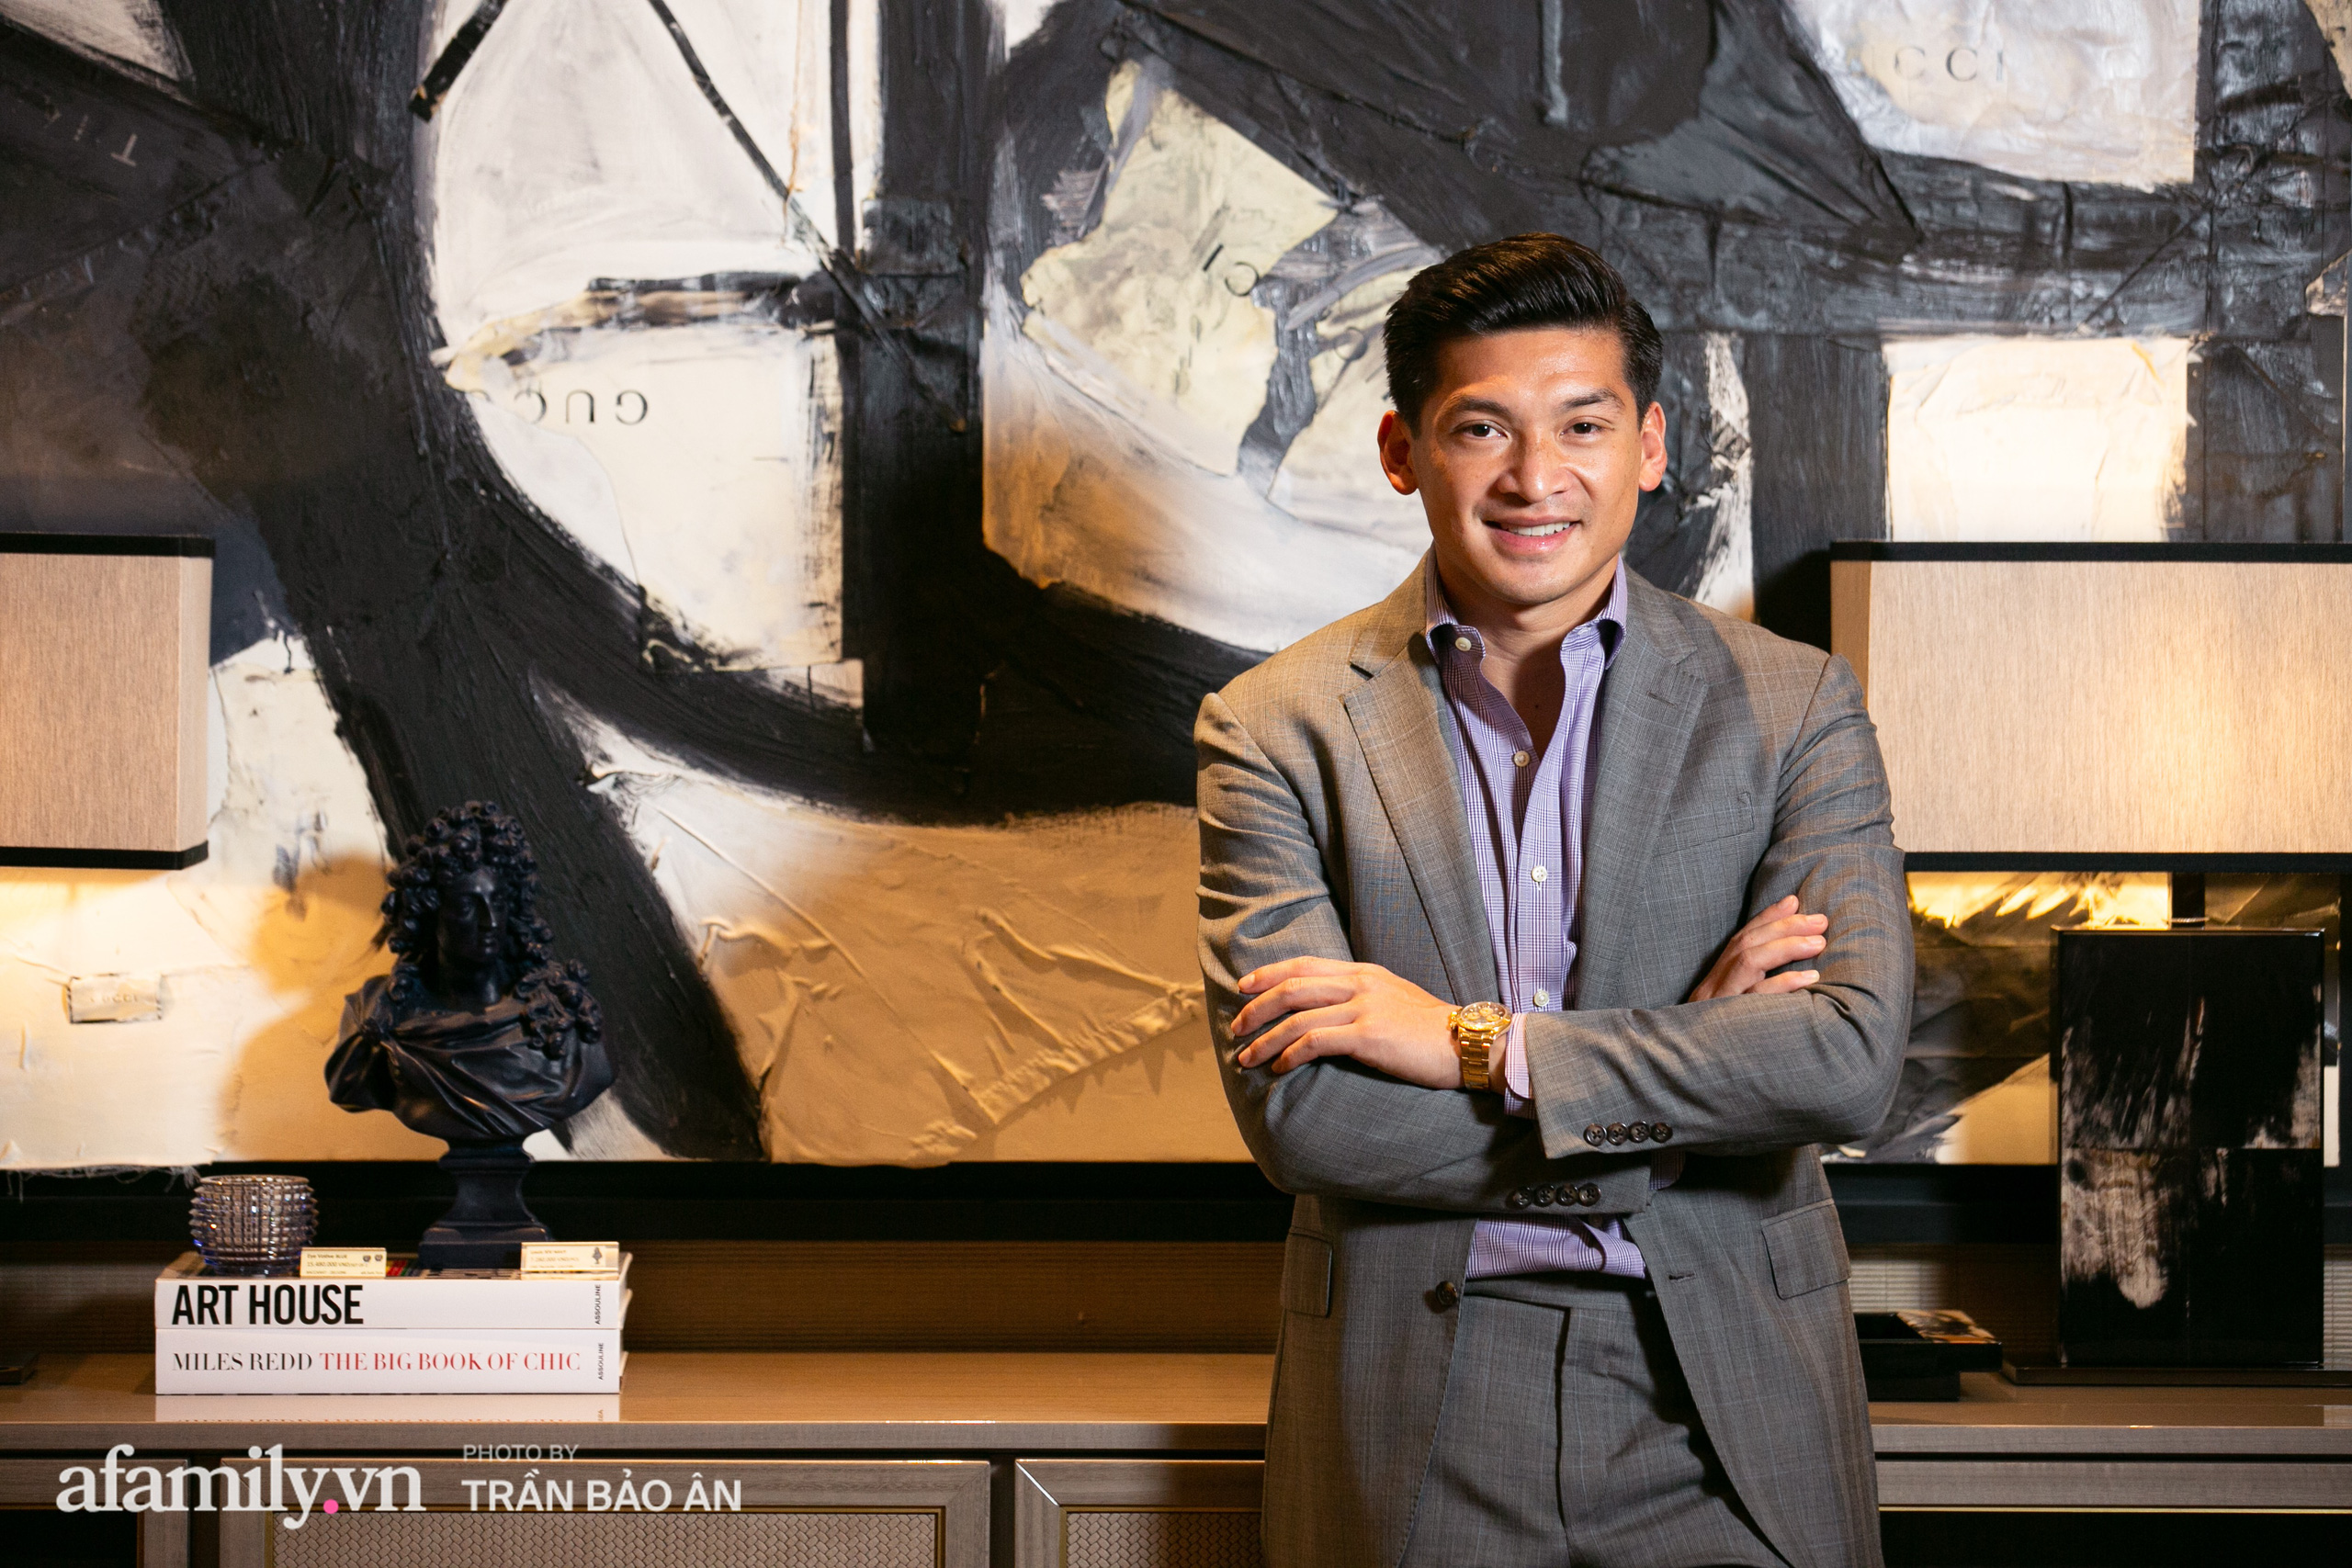 """Yves Huy Phan – CEO 30 tuổi đã làm chủ đế chế nội thất xa xỉ tiết lộ quá trình """"làm giàu"""" và điều bí mật ai cũng tò mò trong mối tình đồng giới với nhà thiết kế nổi tiếng - Ảnh 4."""